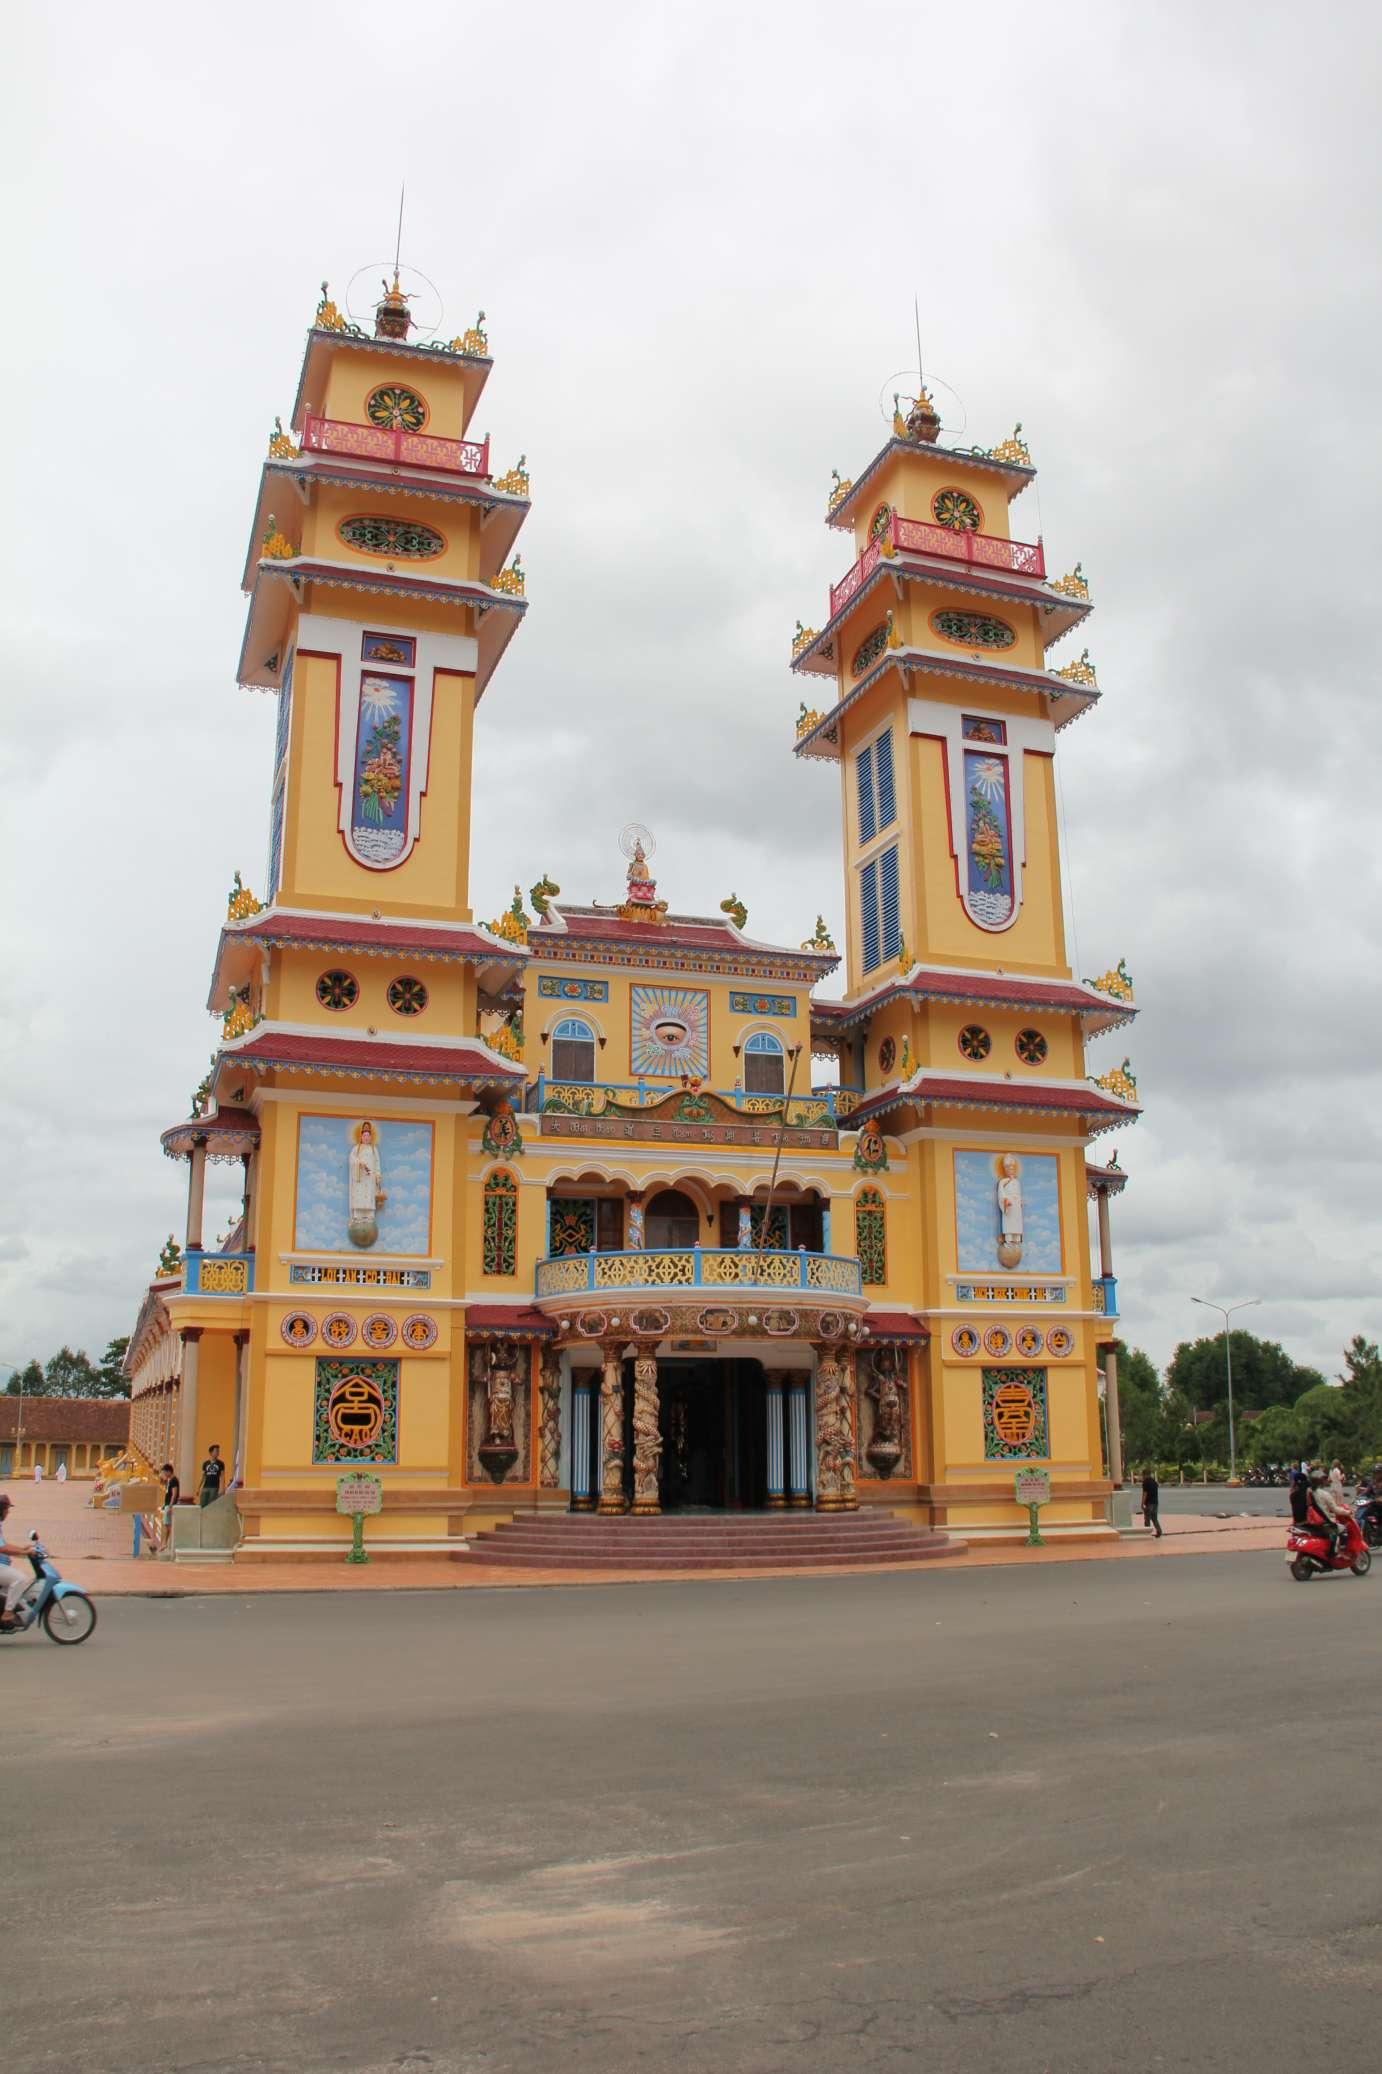 Şanghay\'dan Vietnam\'a (Ho Chi Minh City/Saygon)